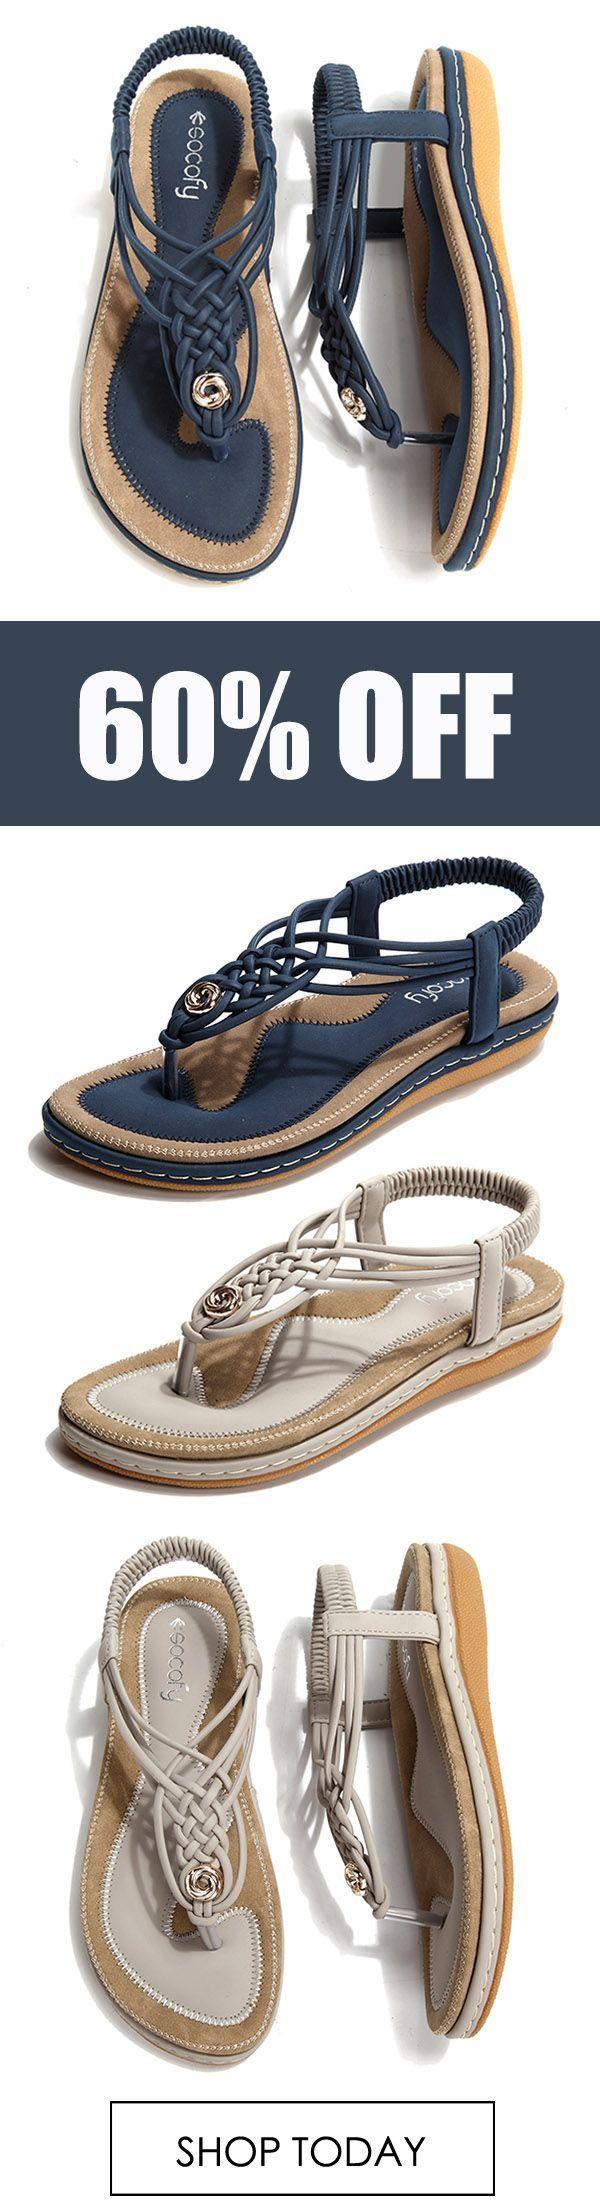 SOCOFY Large Size Frauen Schuh gestrickte beiläufige weiche Sohle im Freien Strand Sandalen. #co